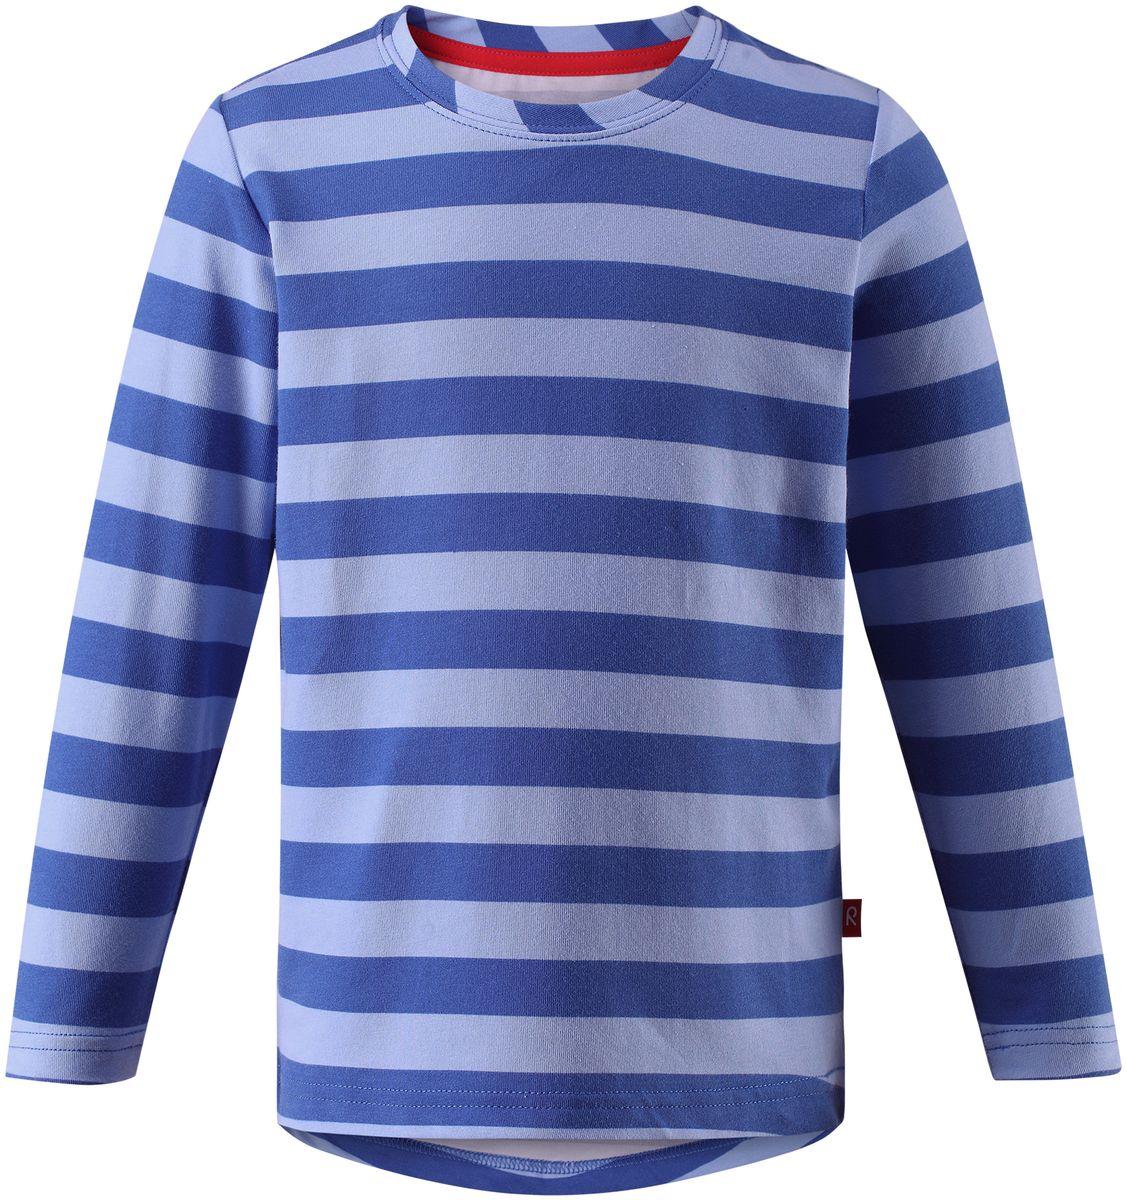 Футболка с длинным рукавом детская Reima Kuper, цвет: синий. 5262526537. Размер 92  peter kuper ruins